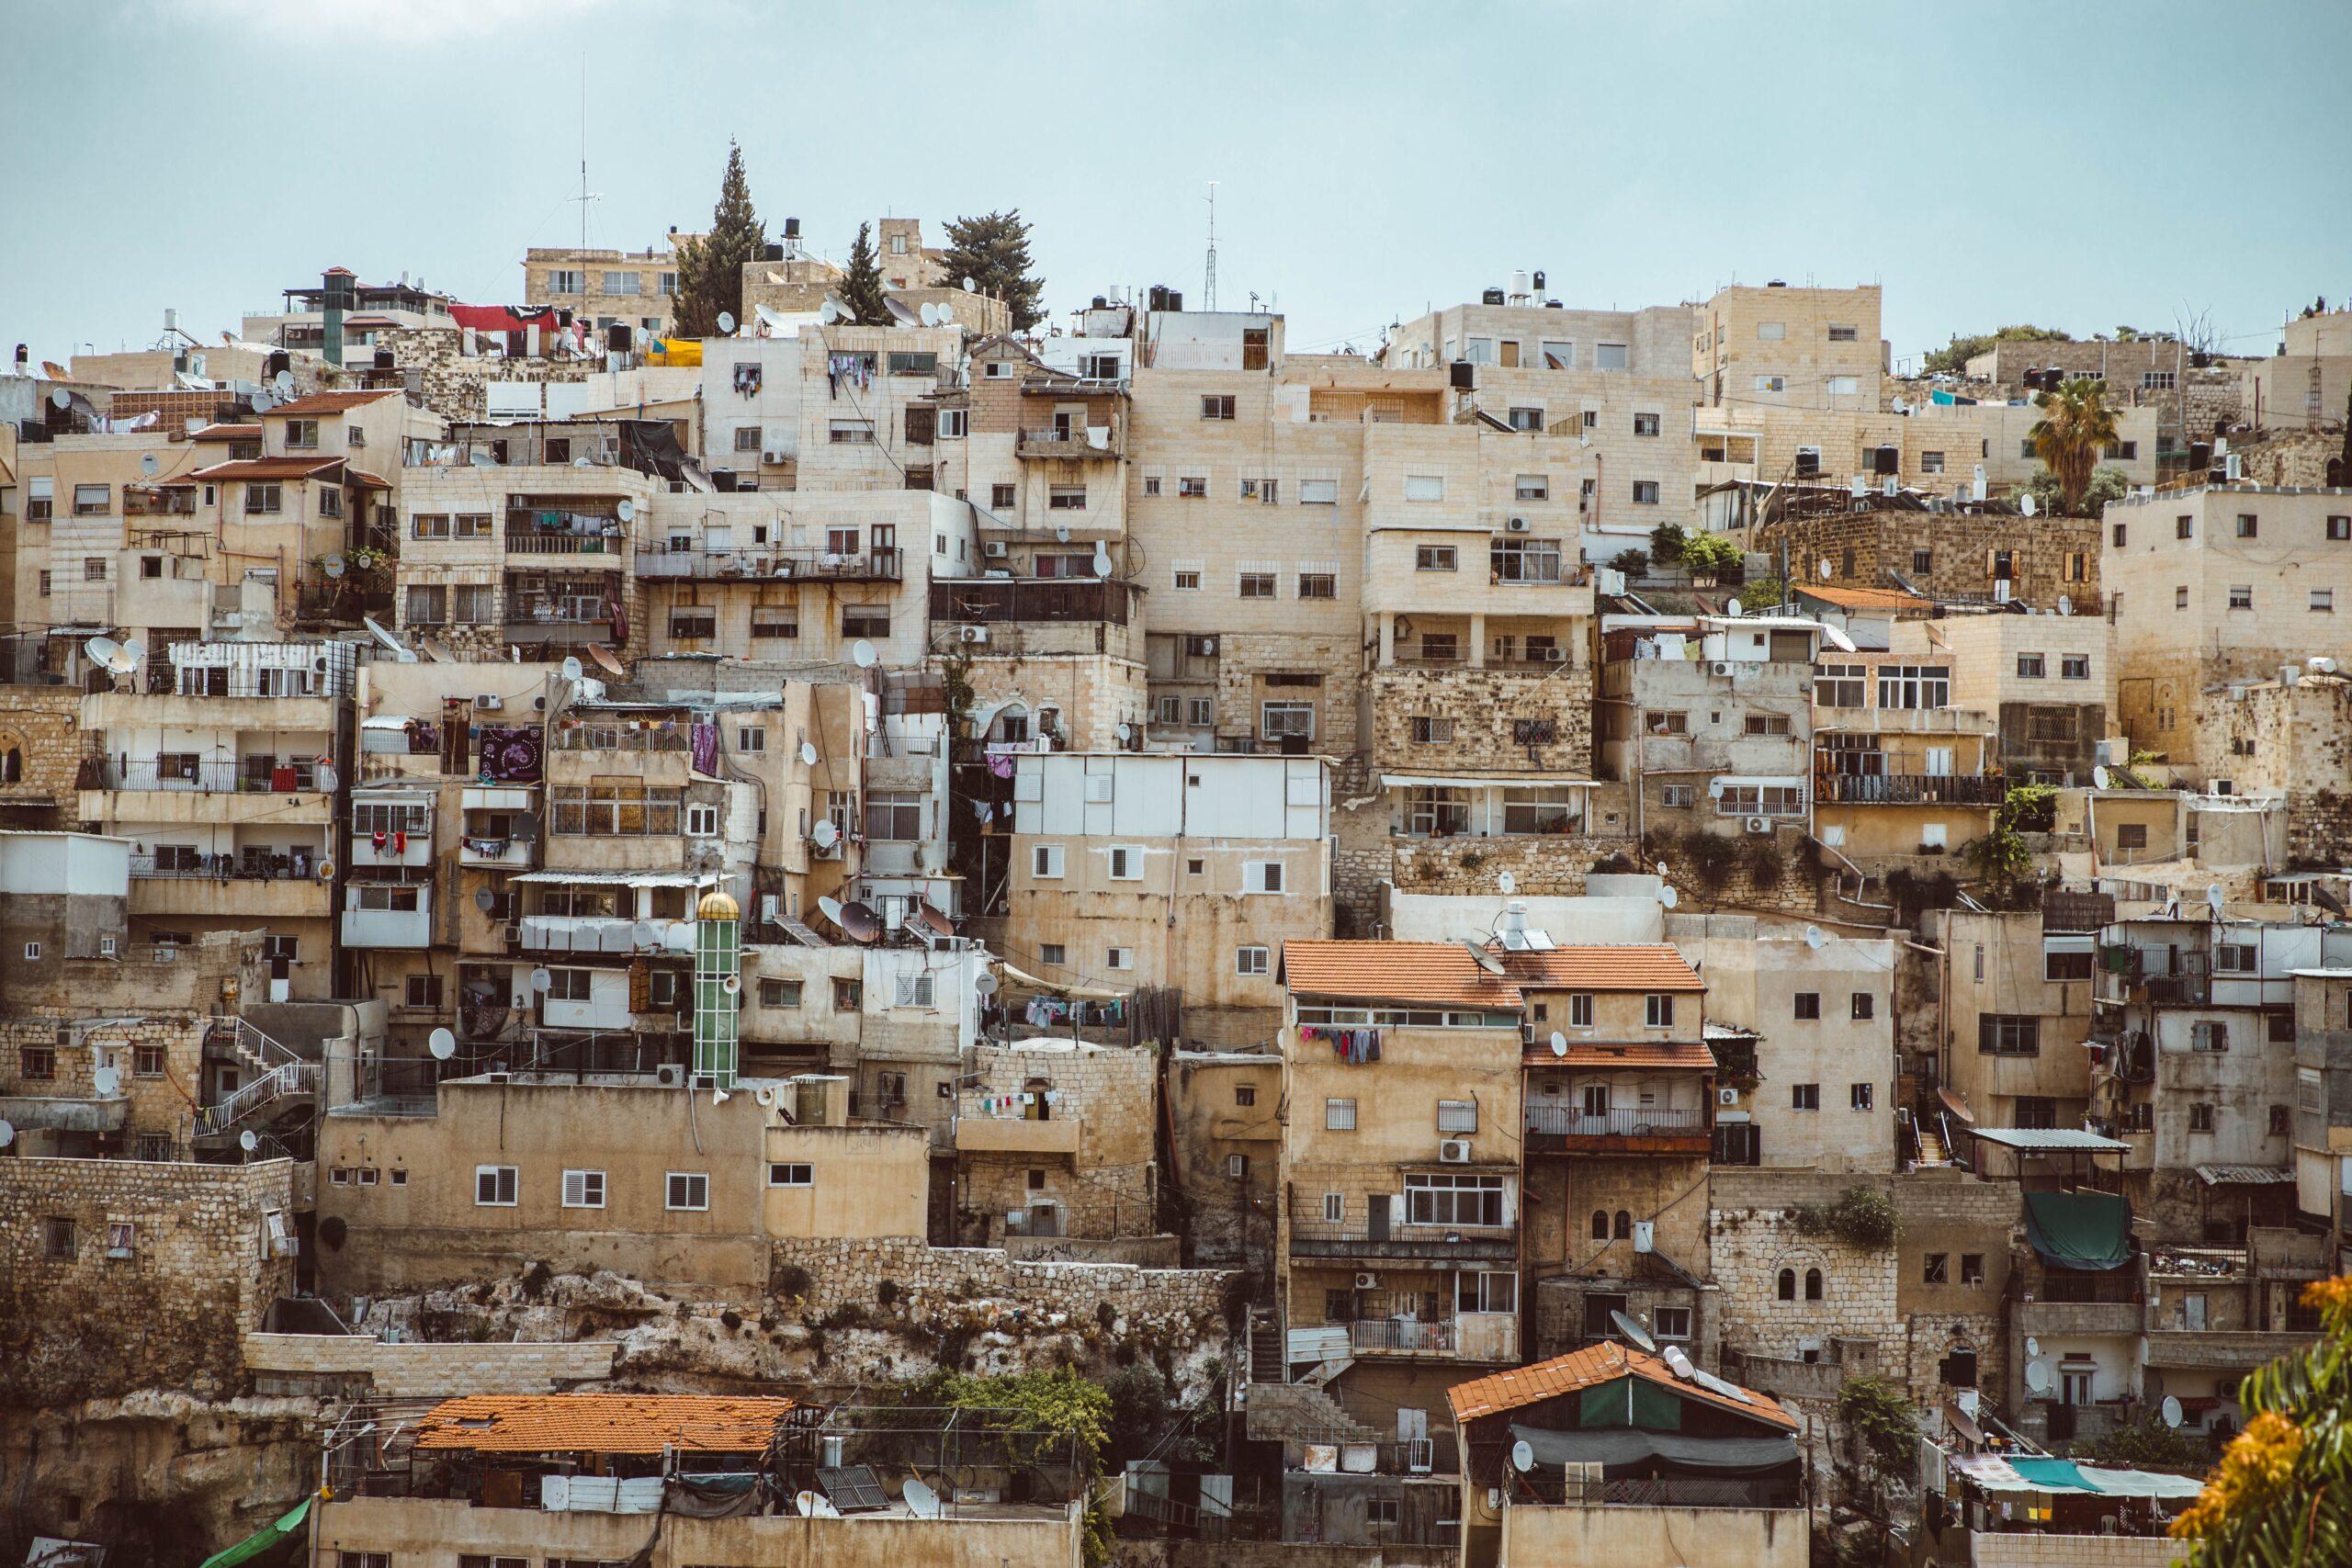 世界に点在するスラム街の実態